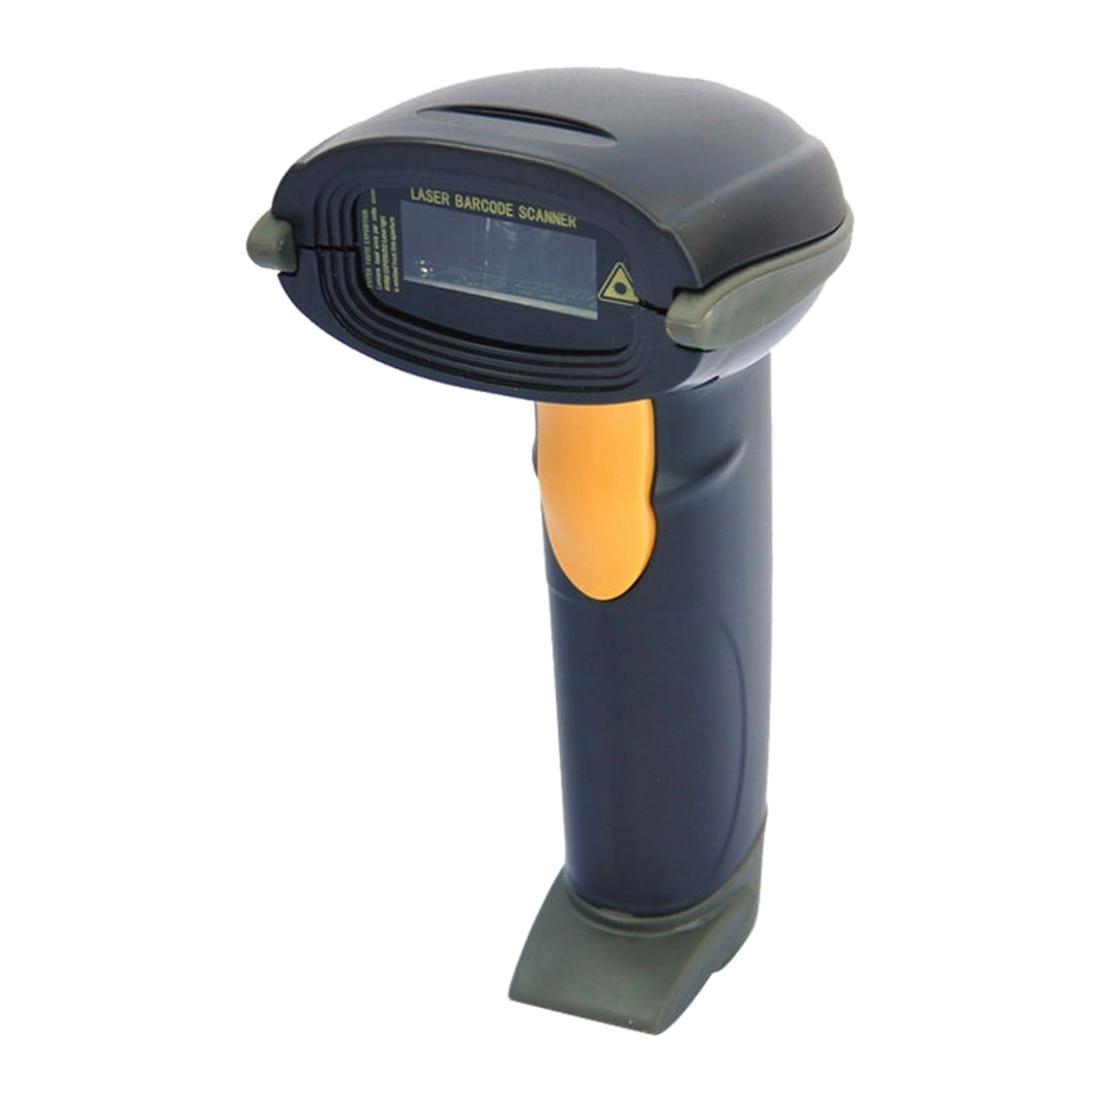 Автоматическая USB Длинные сканирования ручной POS сканер штрихкодов считывания штрих-кода